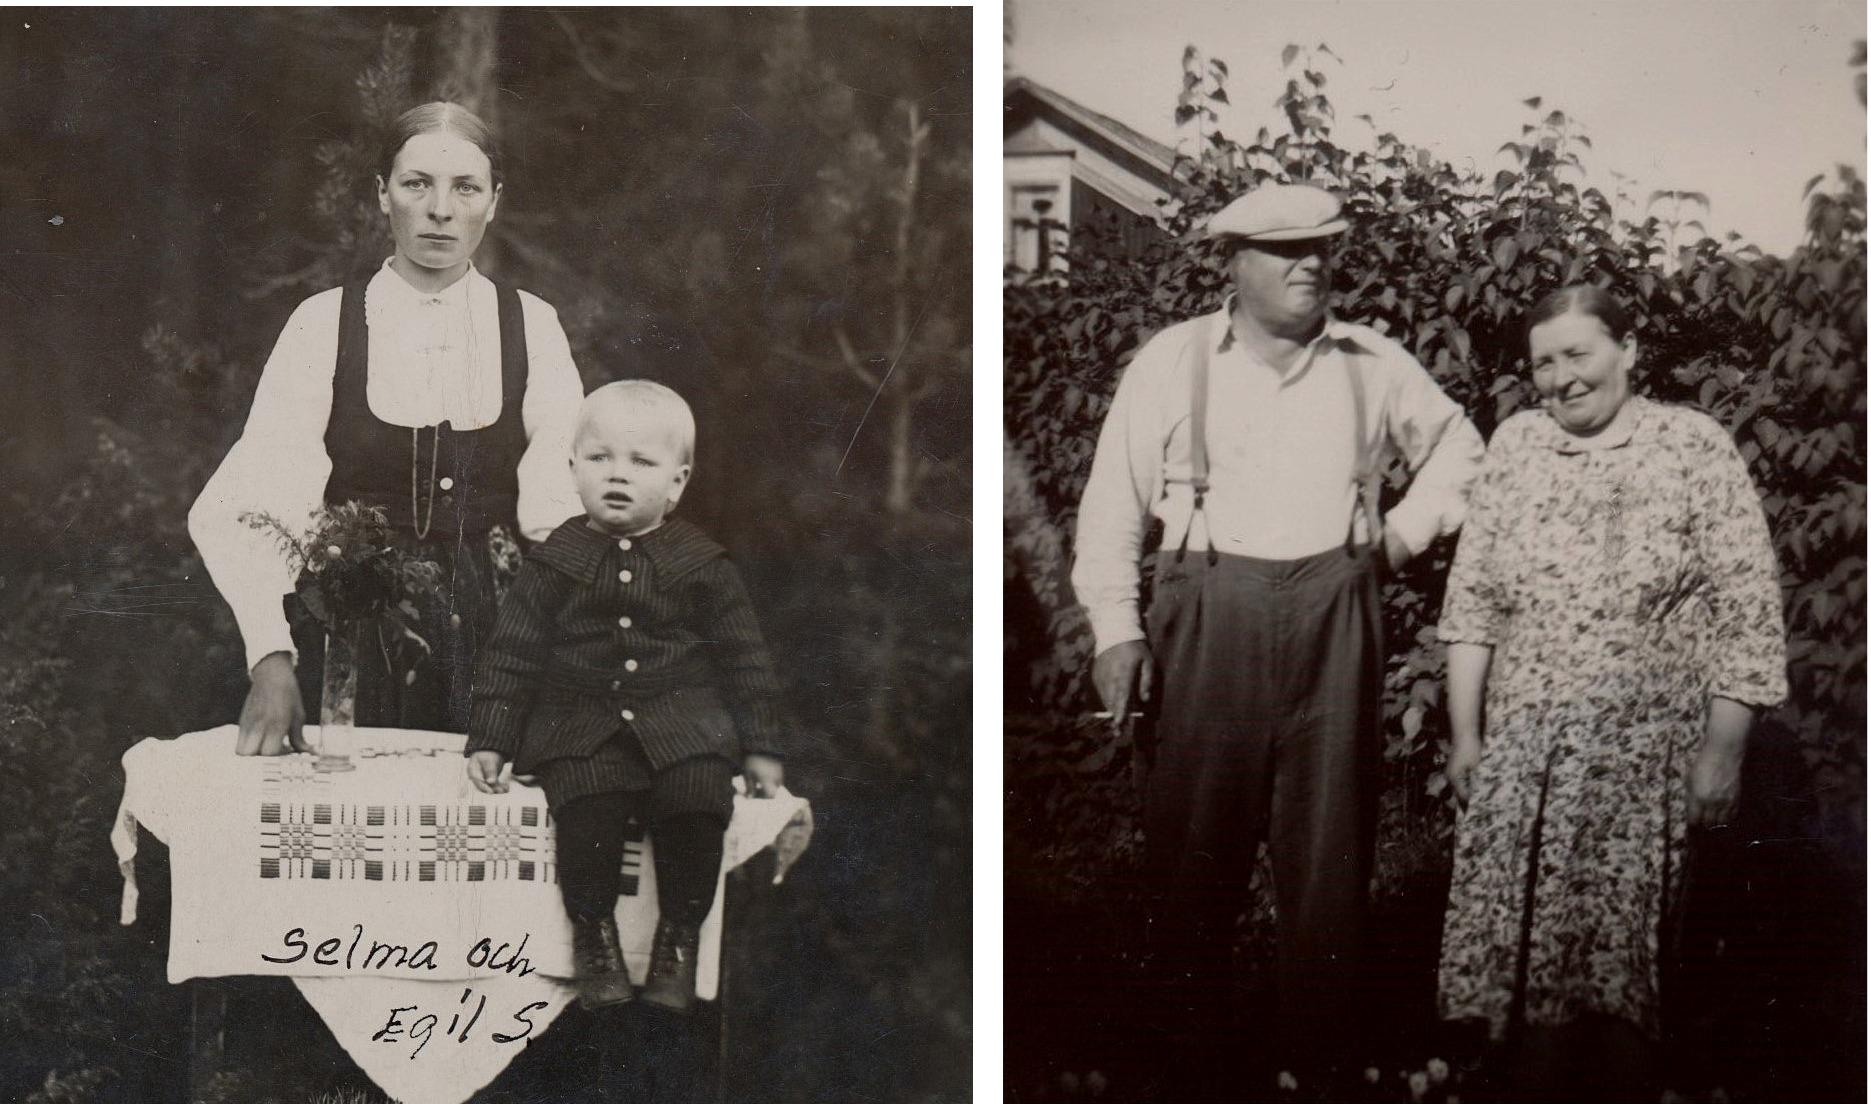 På bilden till vänster Selma Storkull med sonen Egil. Fotot är taget under tiden Evert vistades i Amerika På bilden till höger står Evert och Selma där hemma i trädgården.